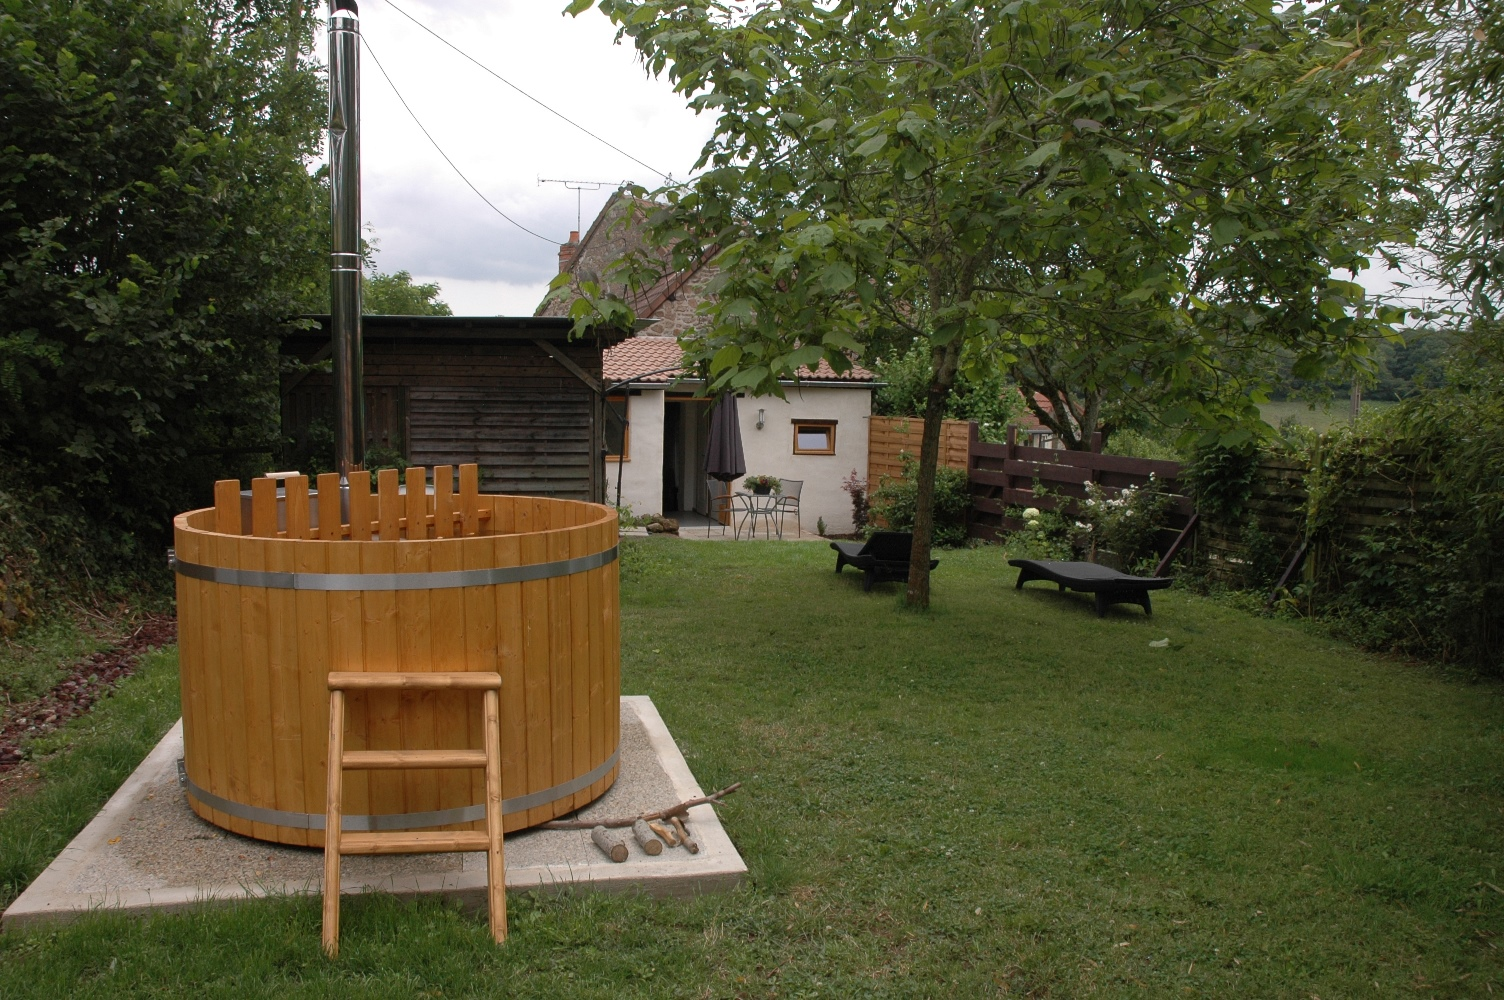 jacuzzi en jardin tropical idea jardin relajacion redondeado bleu vanille kaz jacuzzi u jardin. Black Bedroom Furniture Sets. Home Design Ideas